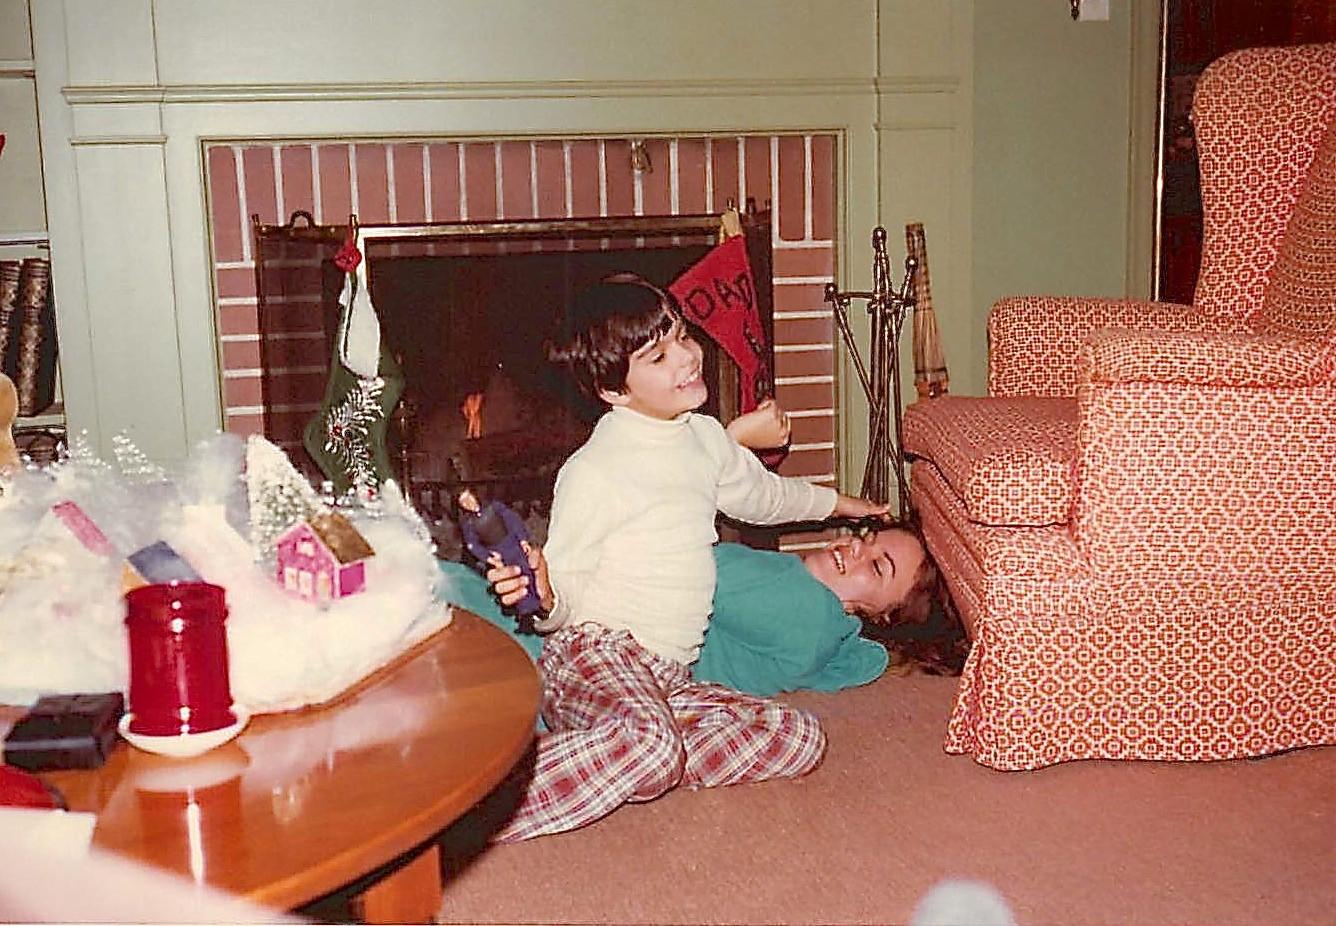 Wayne & Celeste G., Xmas, 1977